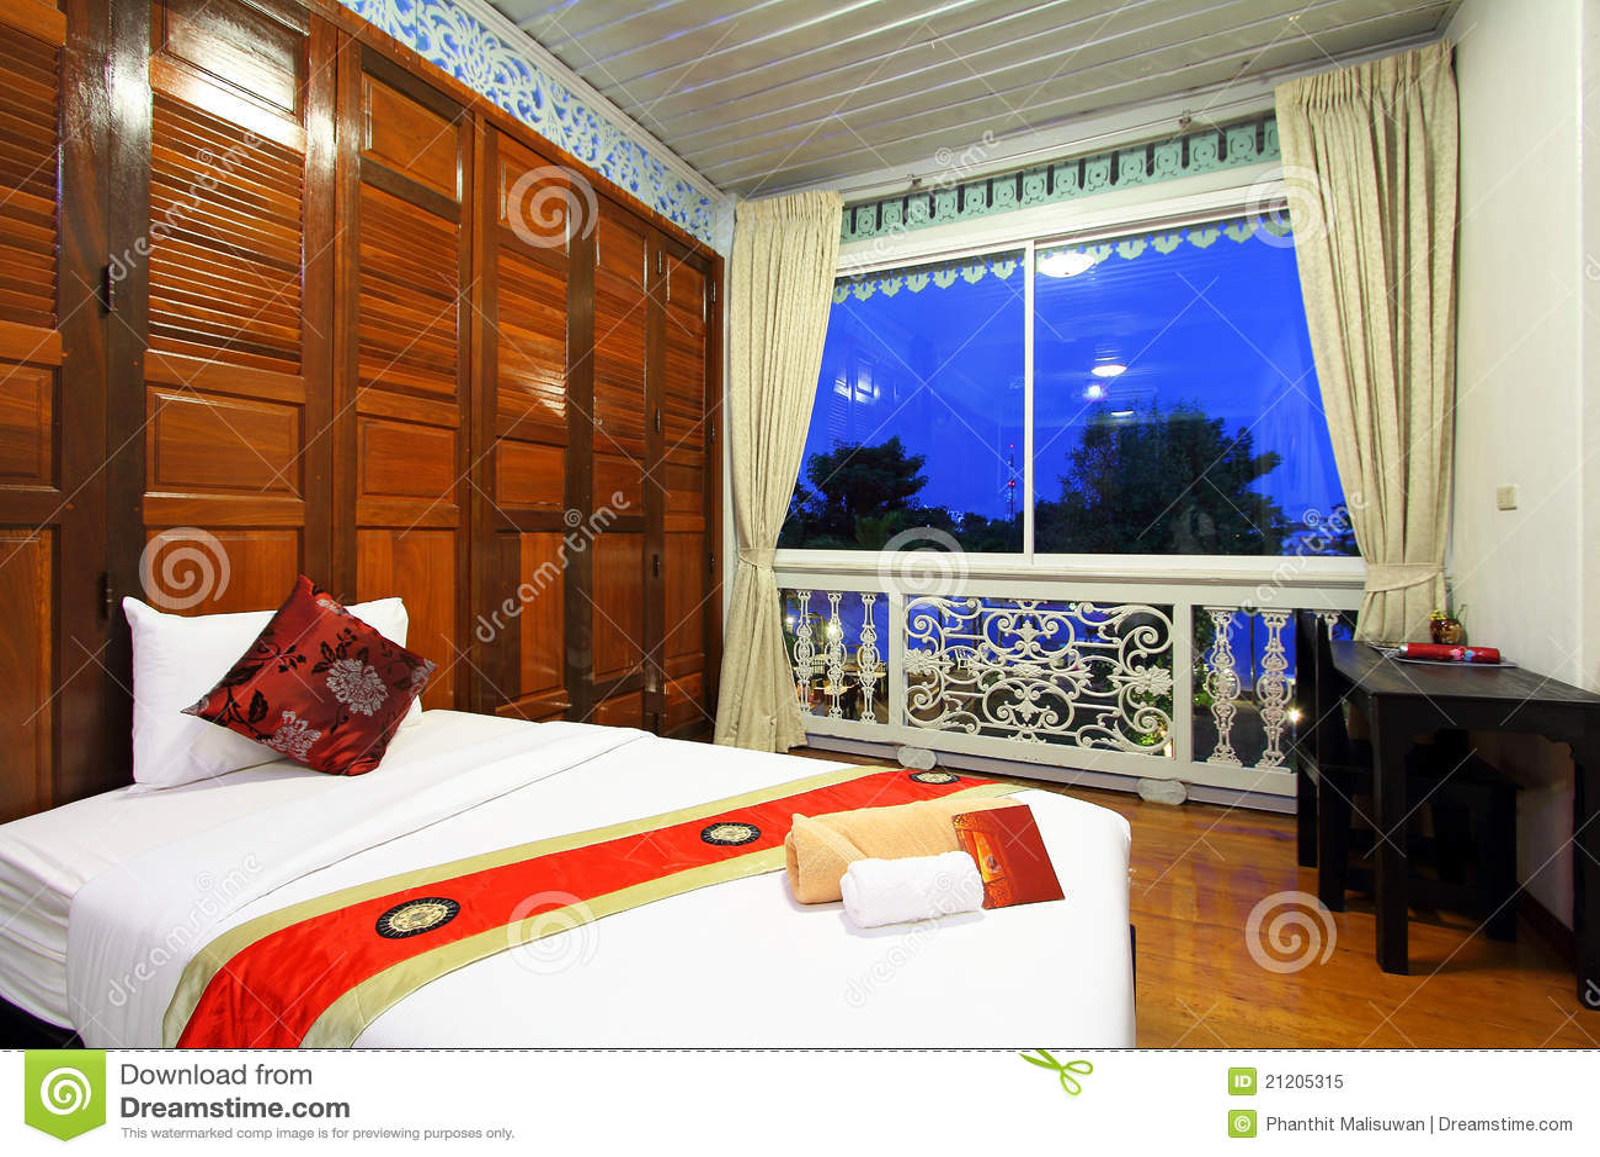 Slaapkamer hotel stijl beste inspiratie voor huis ontwerp - Slaapkamer stijl ...